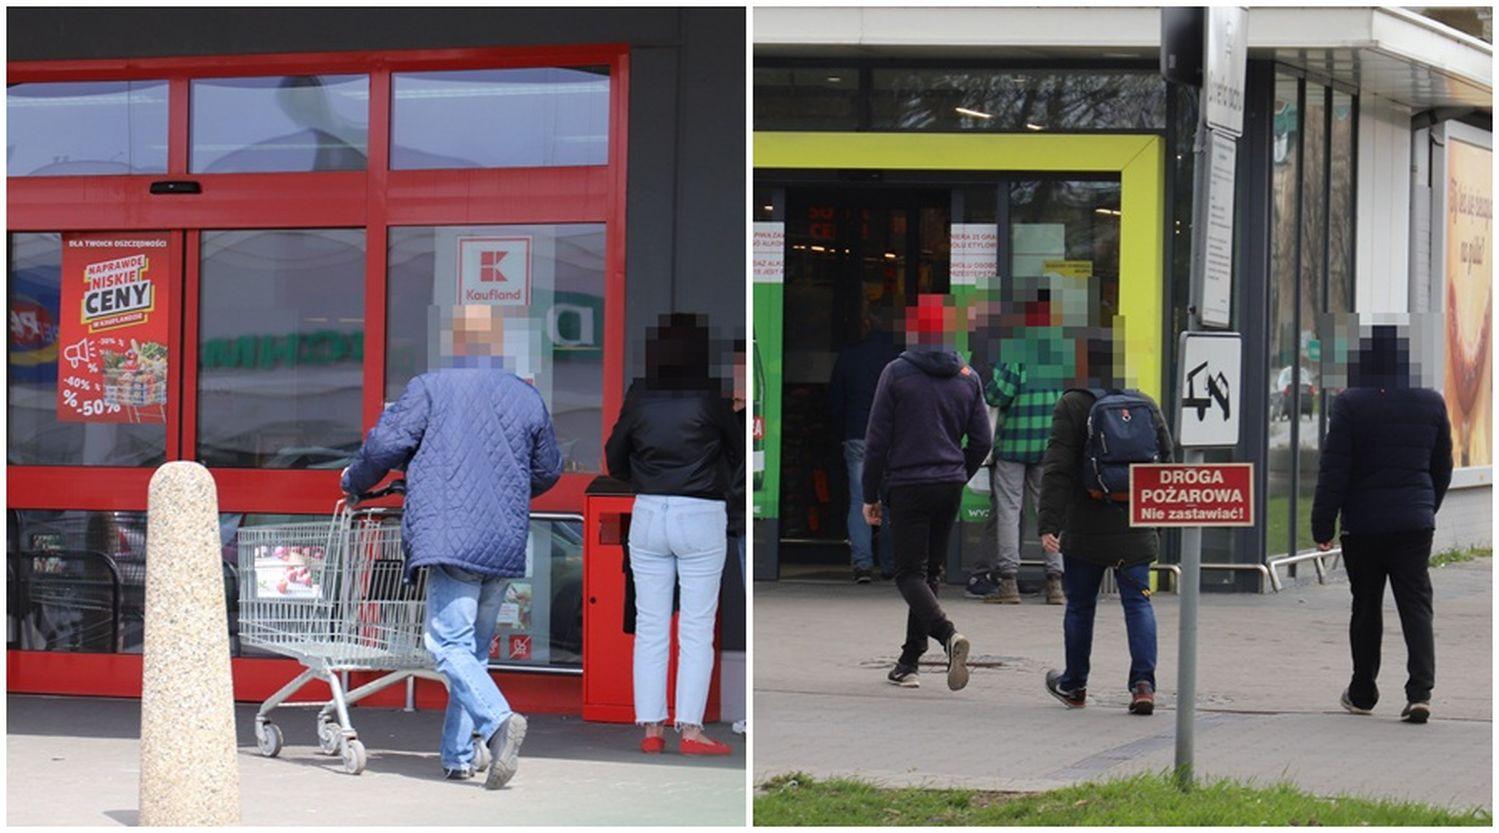 [ZDJĘCIA] Dzisiaj handlowa niedziela: jak wygląda w kutnowskich sklepach? - Zdjęcie główne